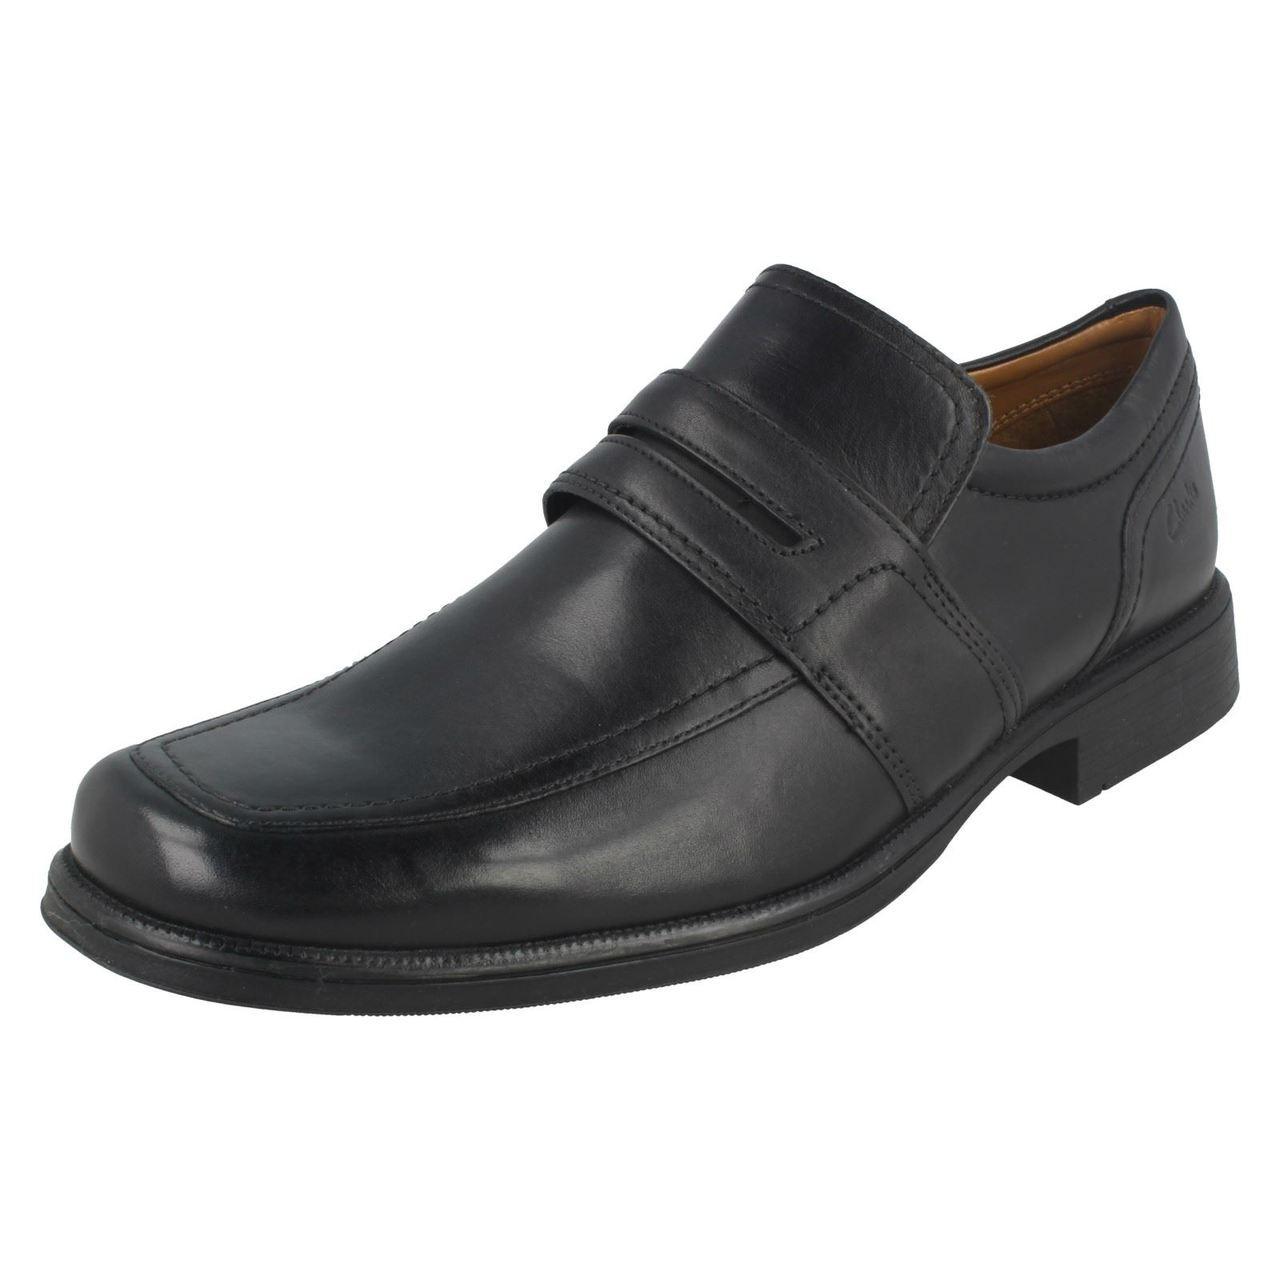 Mens Clarks Formal Slip On Shoes